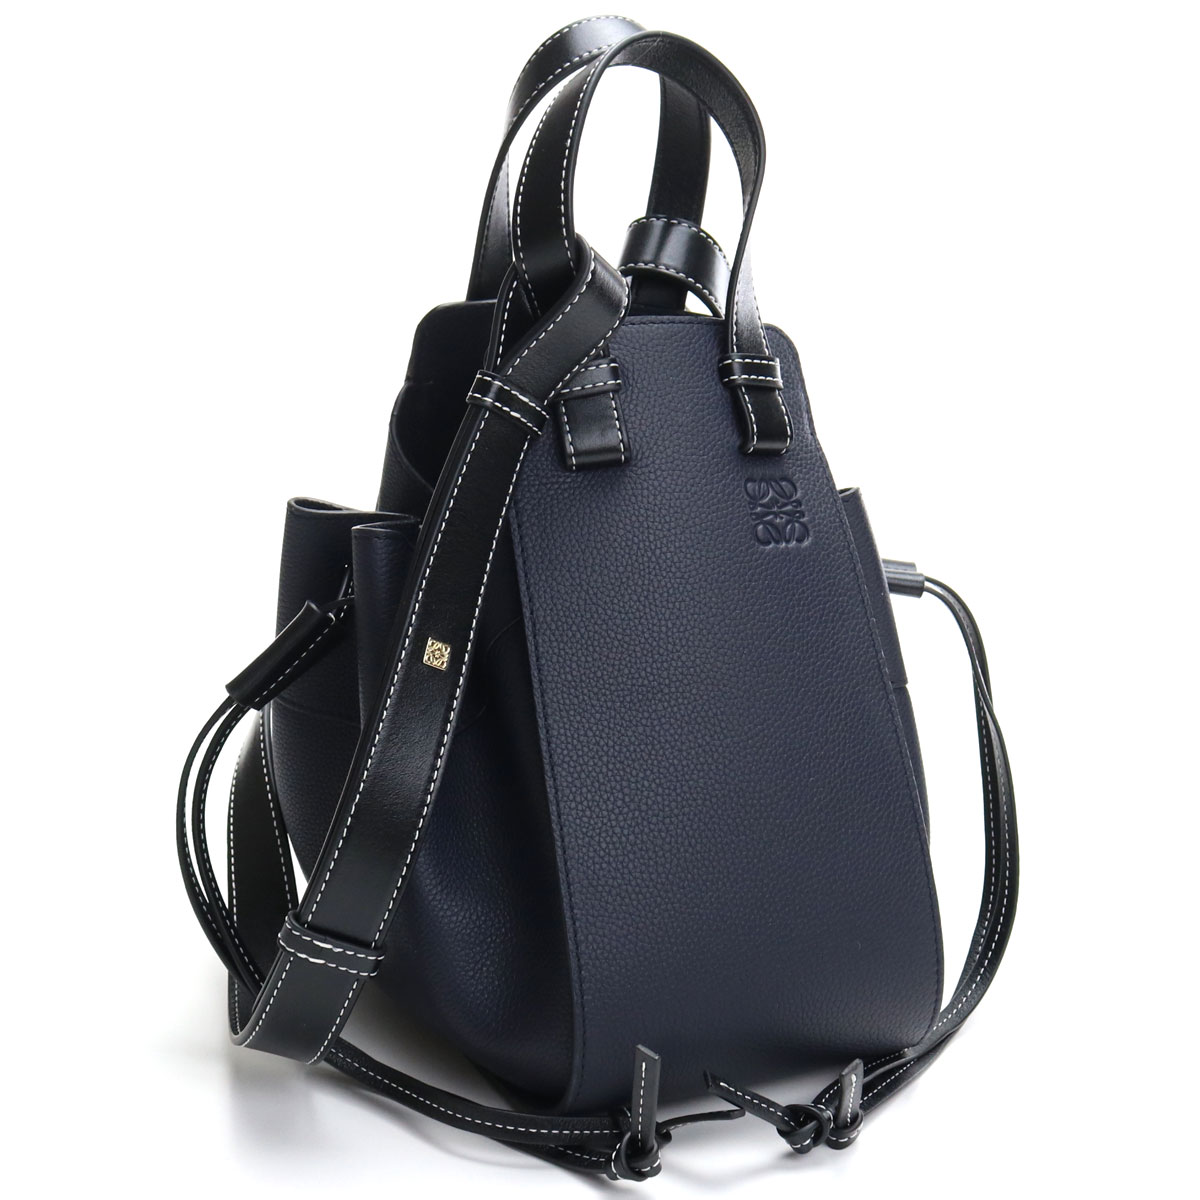 ロエベ LOEWE Hammock Drawstring Small Bag ハンモック ドローストリング スモール 2way ハンドバッグ 314.12BZ95 5605 MIDNIGHT BLUE ネイビー系 【レディース】